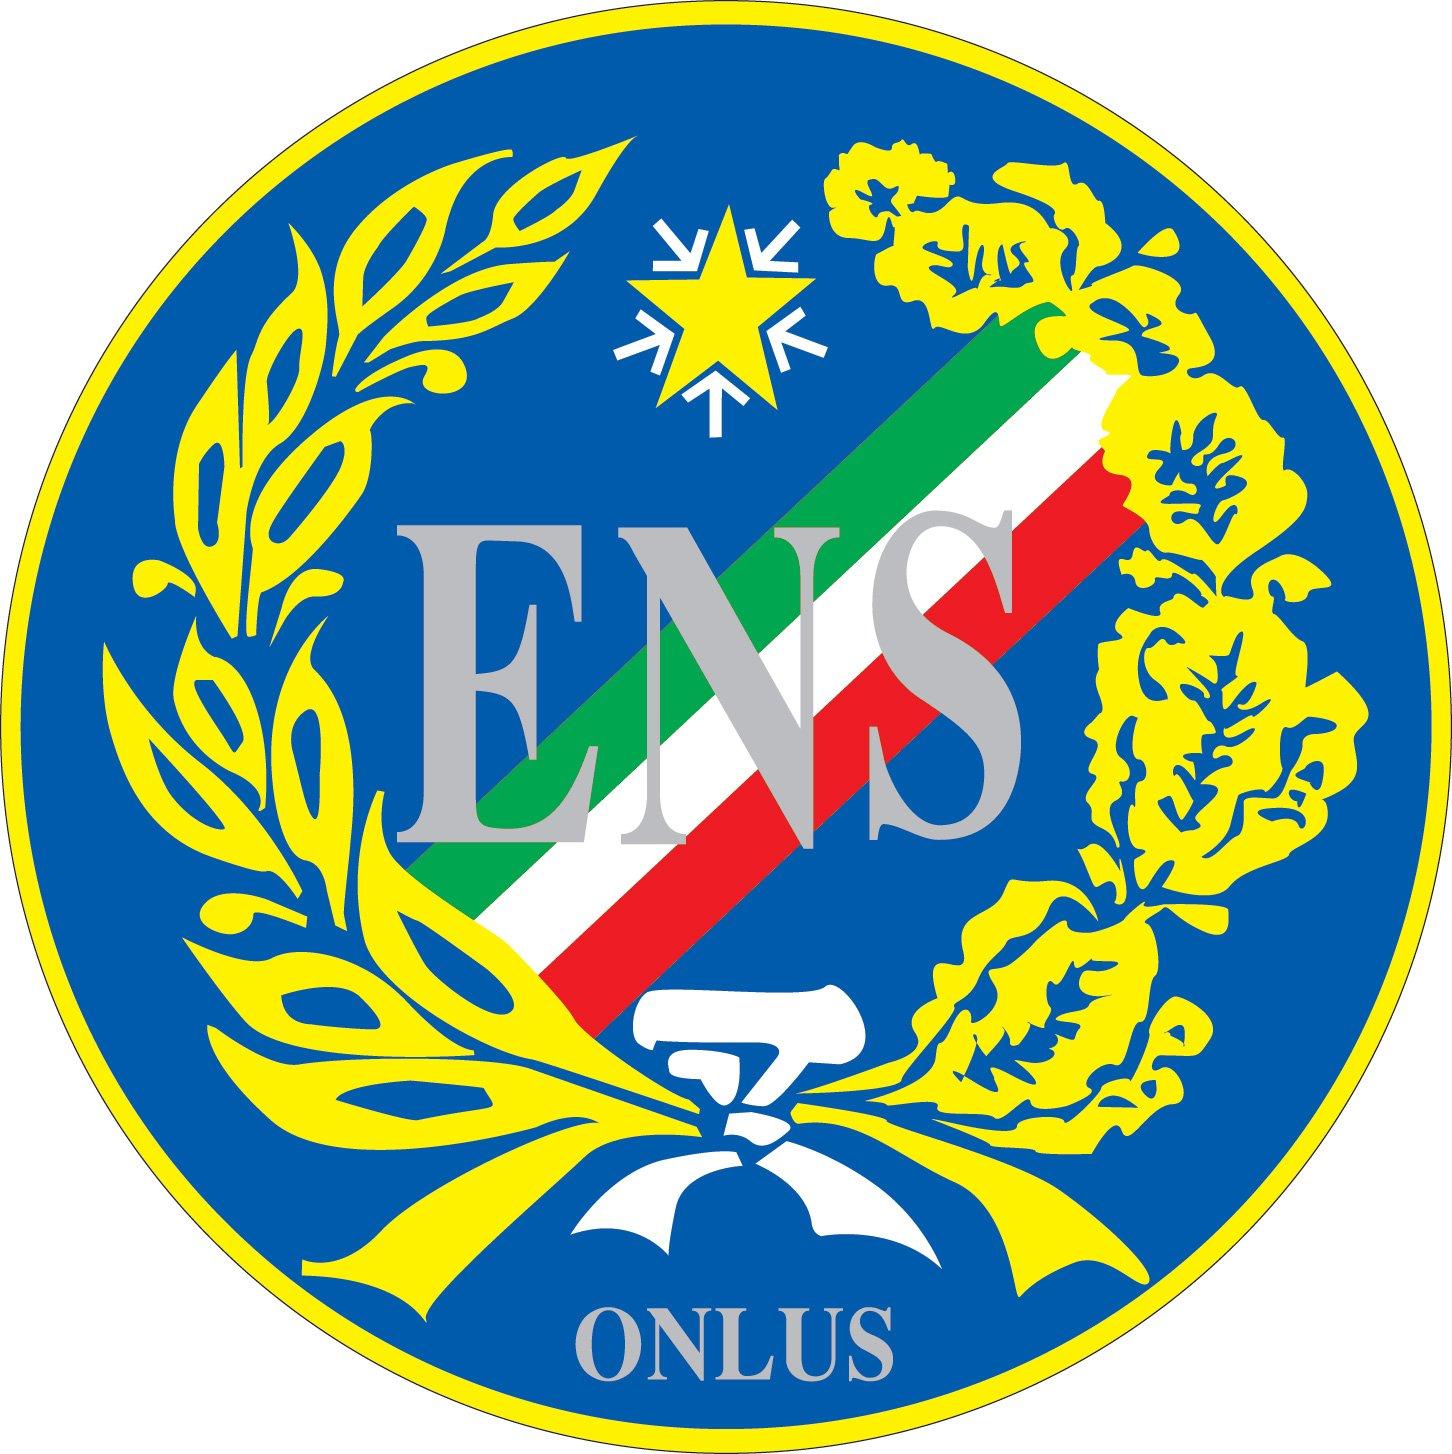 Il 17/11/2018 si terranno le Elezioni provinciali dell'Ente Nazionale per la protezione e l'assistenza dei Sordi